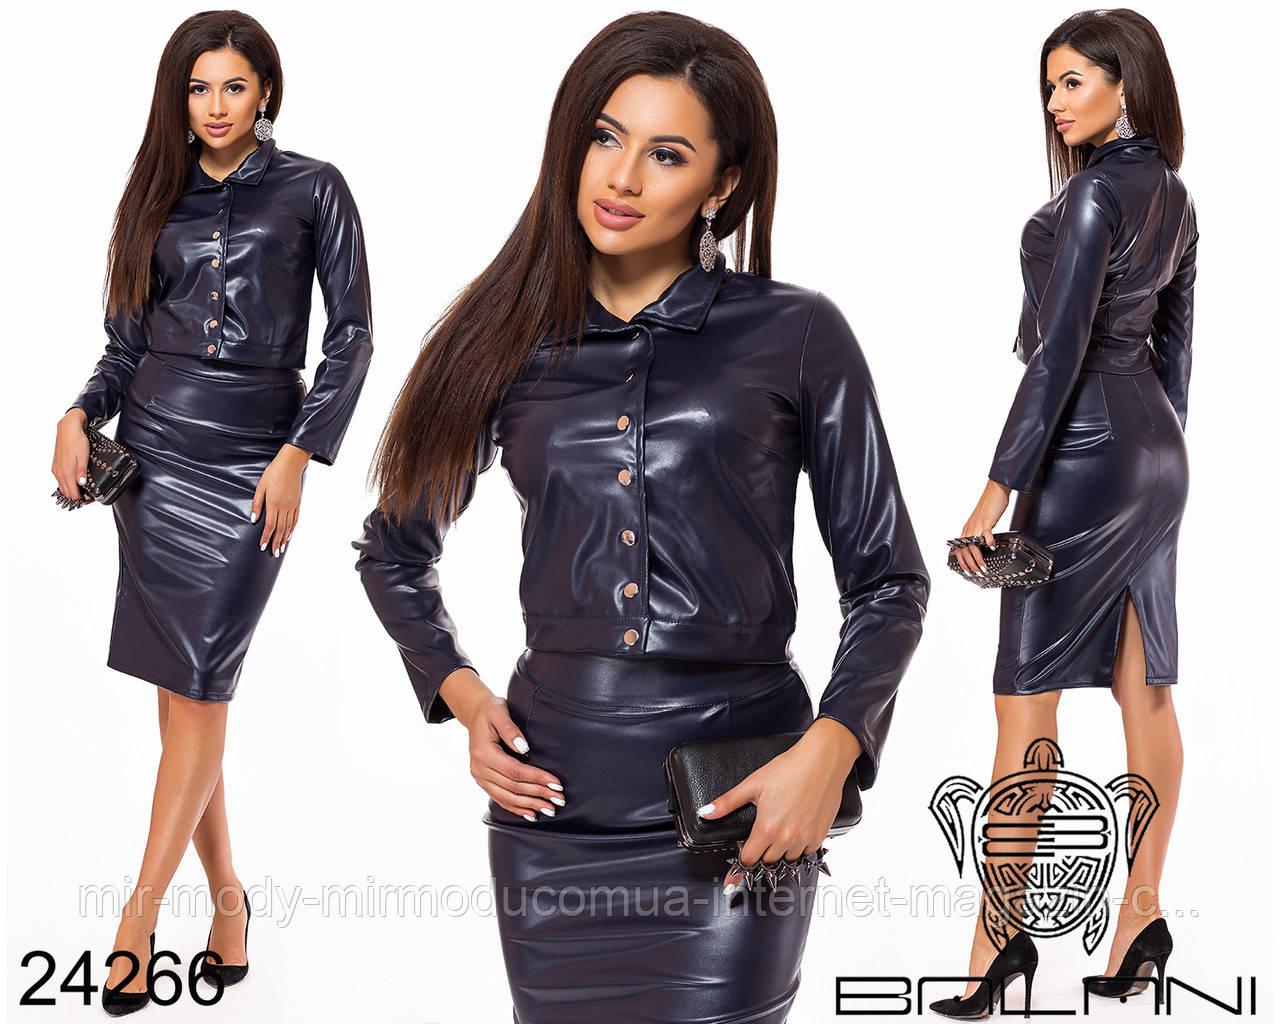 Стильный юбочный костюм- 24266 с 42 по 46 размер(бн)